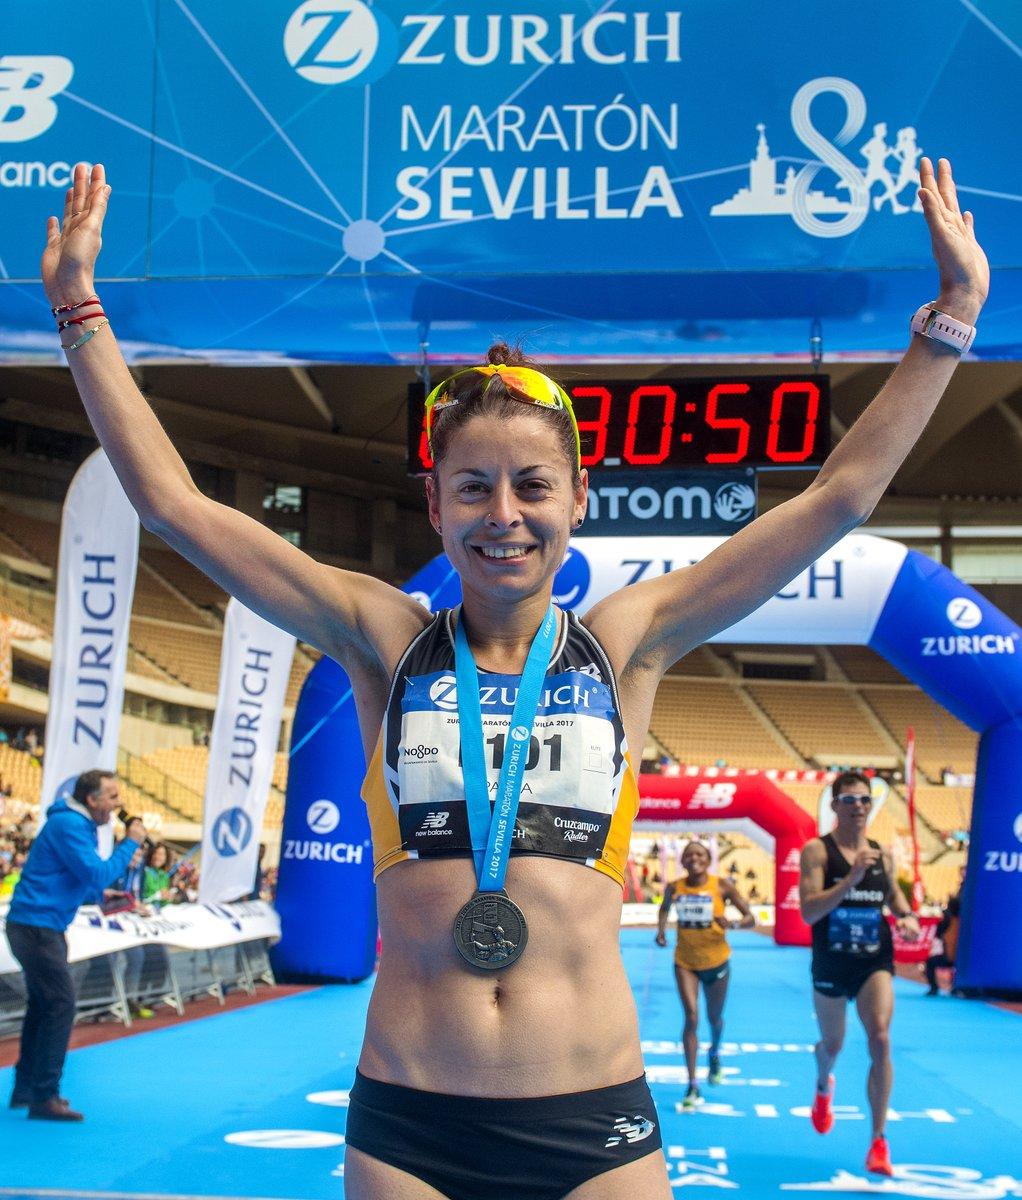 Paula González gana el Zurich Maratón de Sevilla con 2h 28', el día que se batió el récord masculino con 2h 07